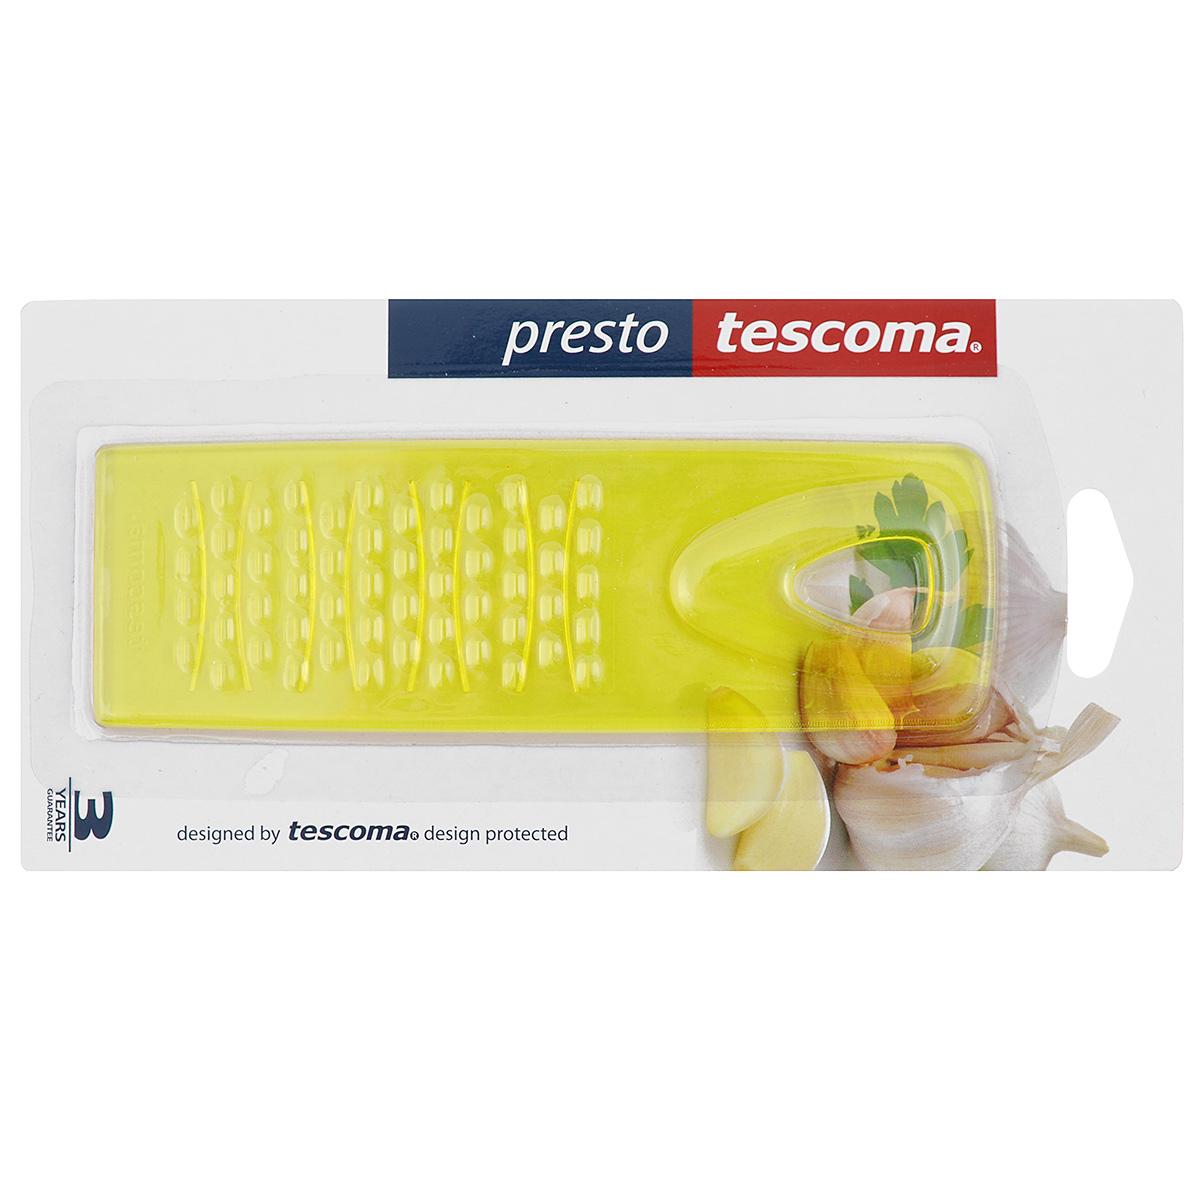 Прибор для измельчения Tescoma Presto, универсальный, цвет: желтый ветчинница tescoma presto с термометром высота 17 см